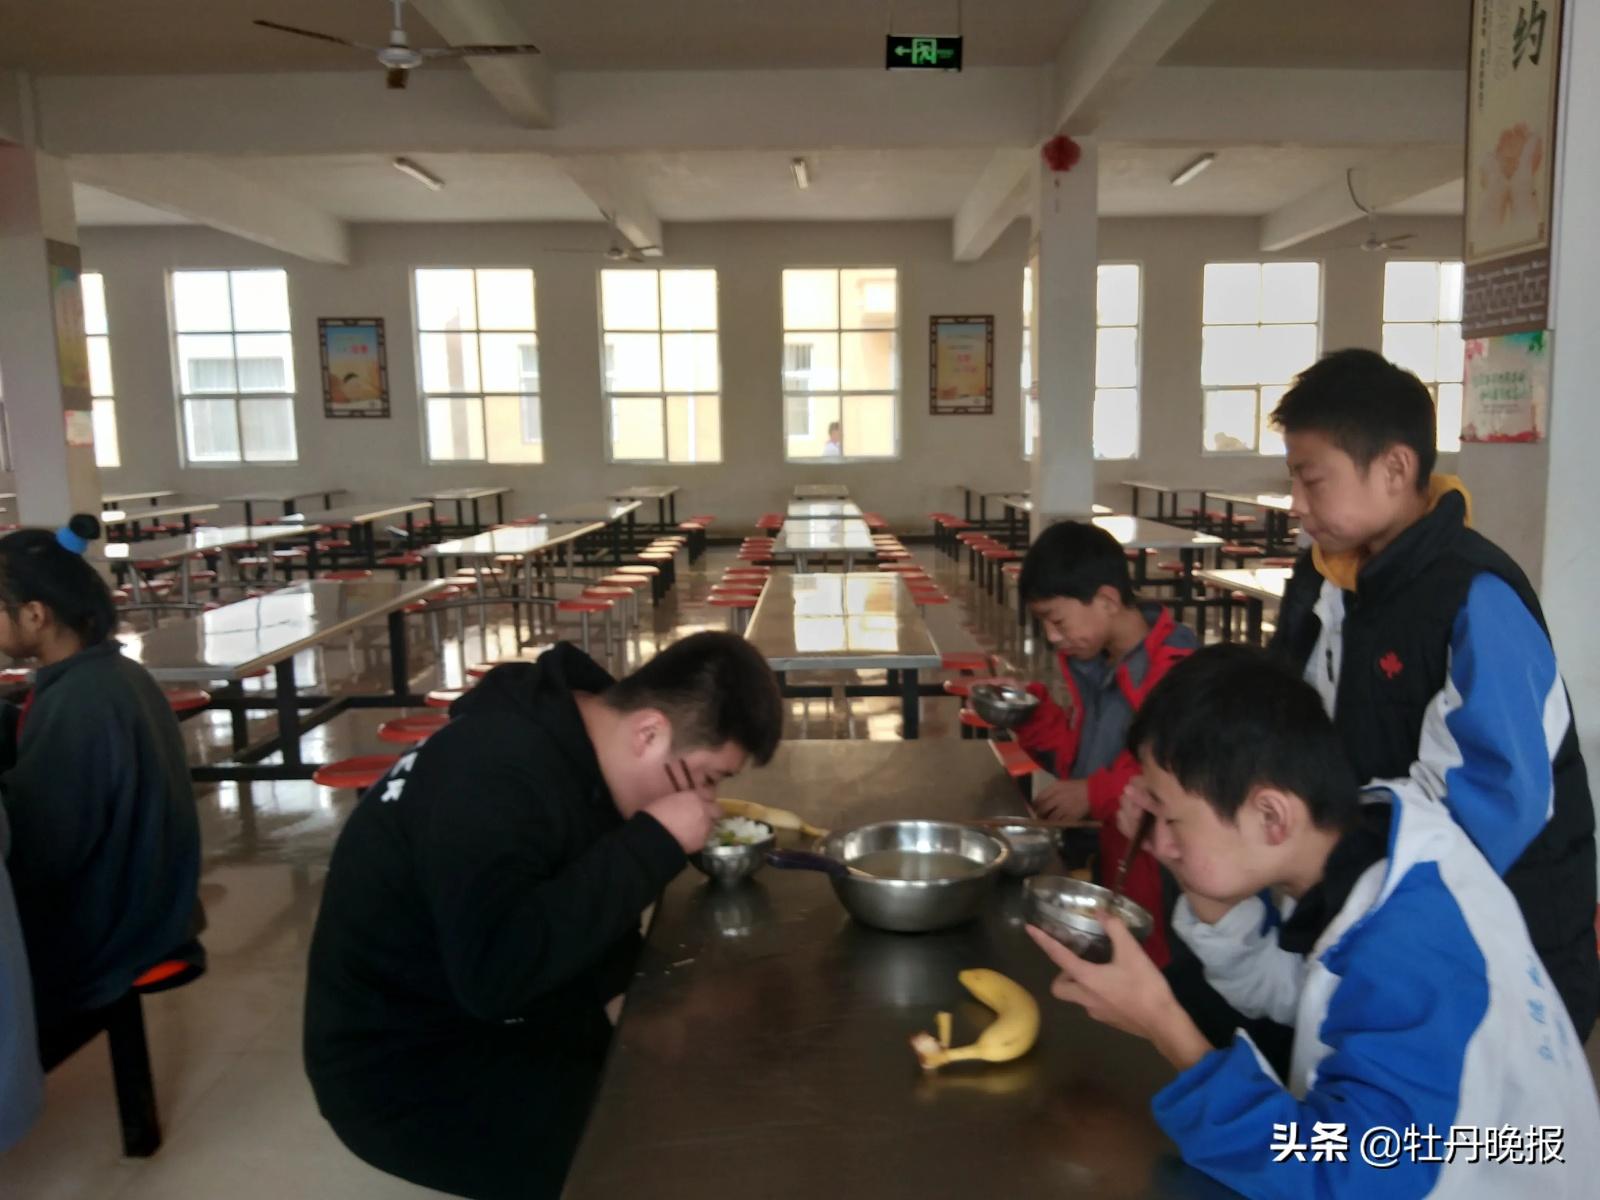 """""""大盆+小碗"""",盛满节俭好品质 ——菏泽市牡丹区皇镇中学创新就餐方式实行光盘行动"""